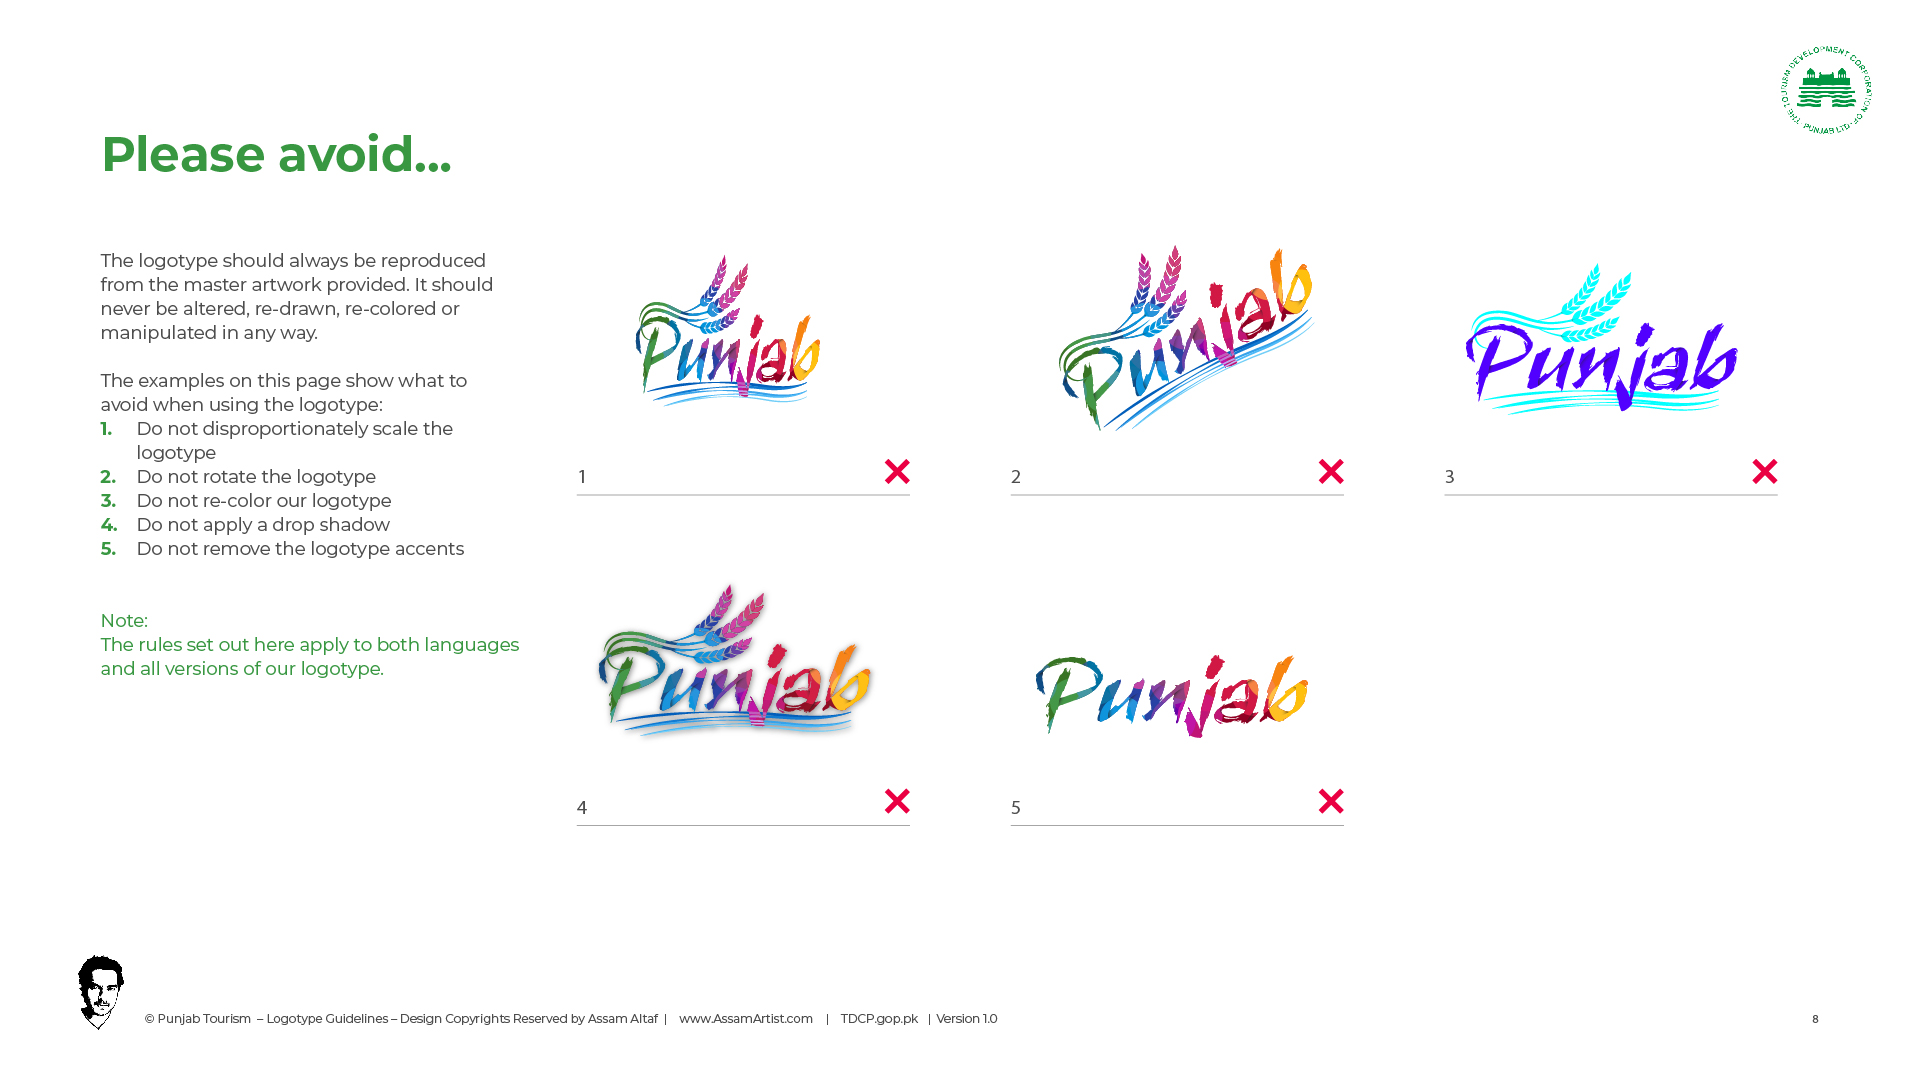 punjab tourism logo guidelines